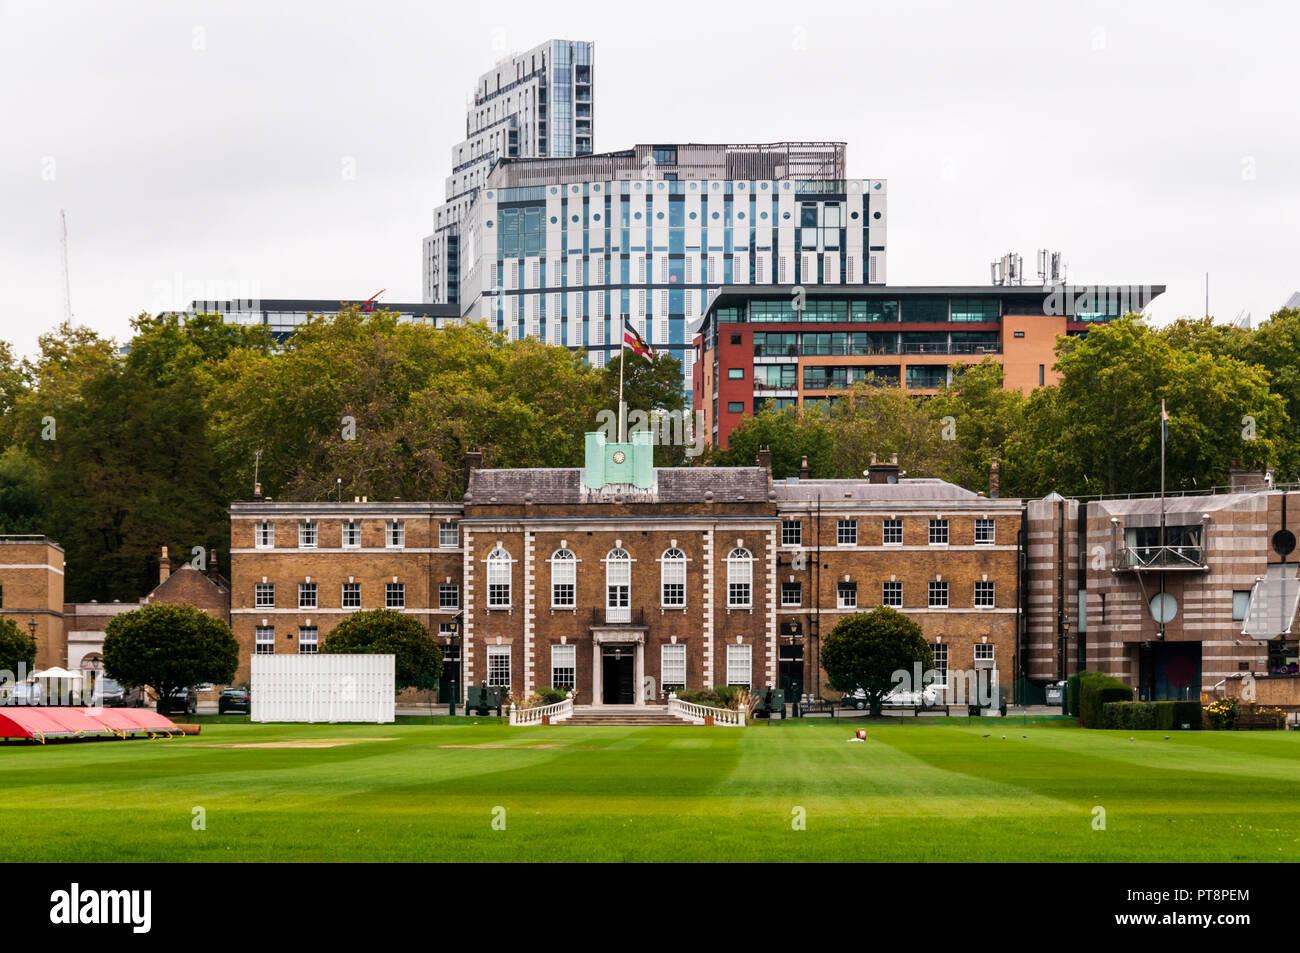 Casa de artillería de la casa de la Honorable Compañía de artillería detrás del jardín de artillería cricket ground en Londres. Imagen De Stock